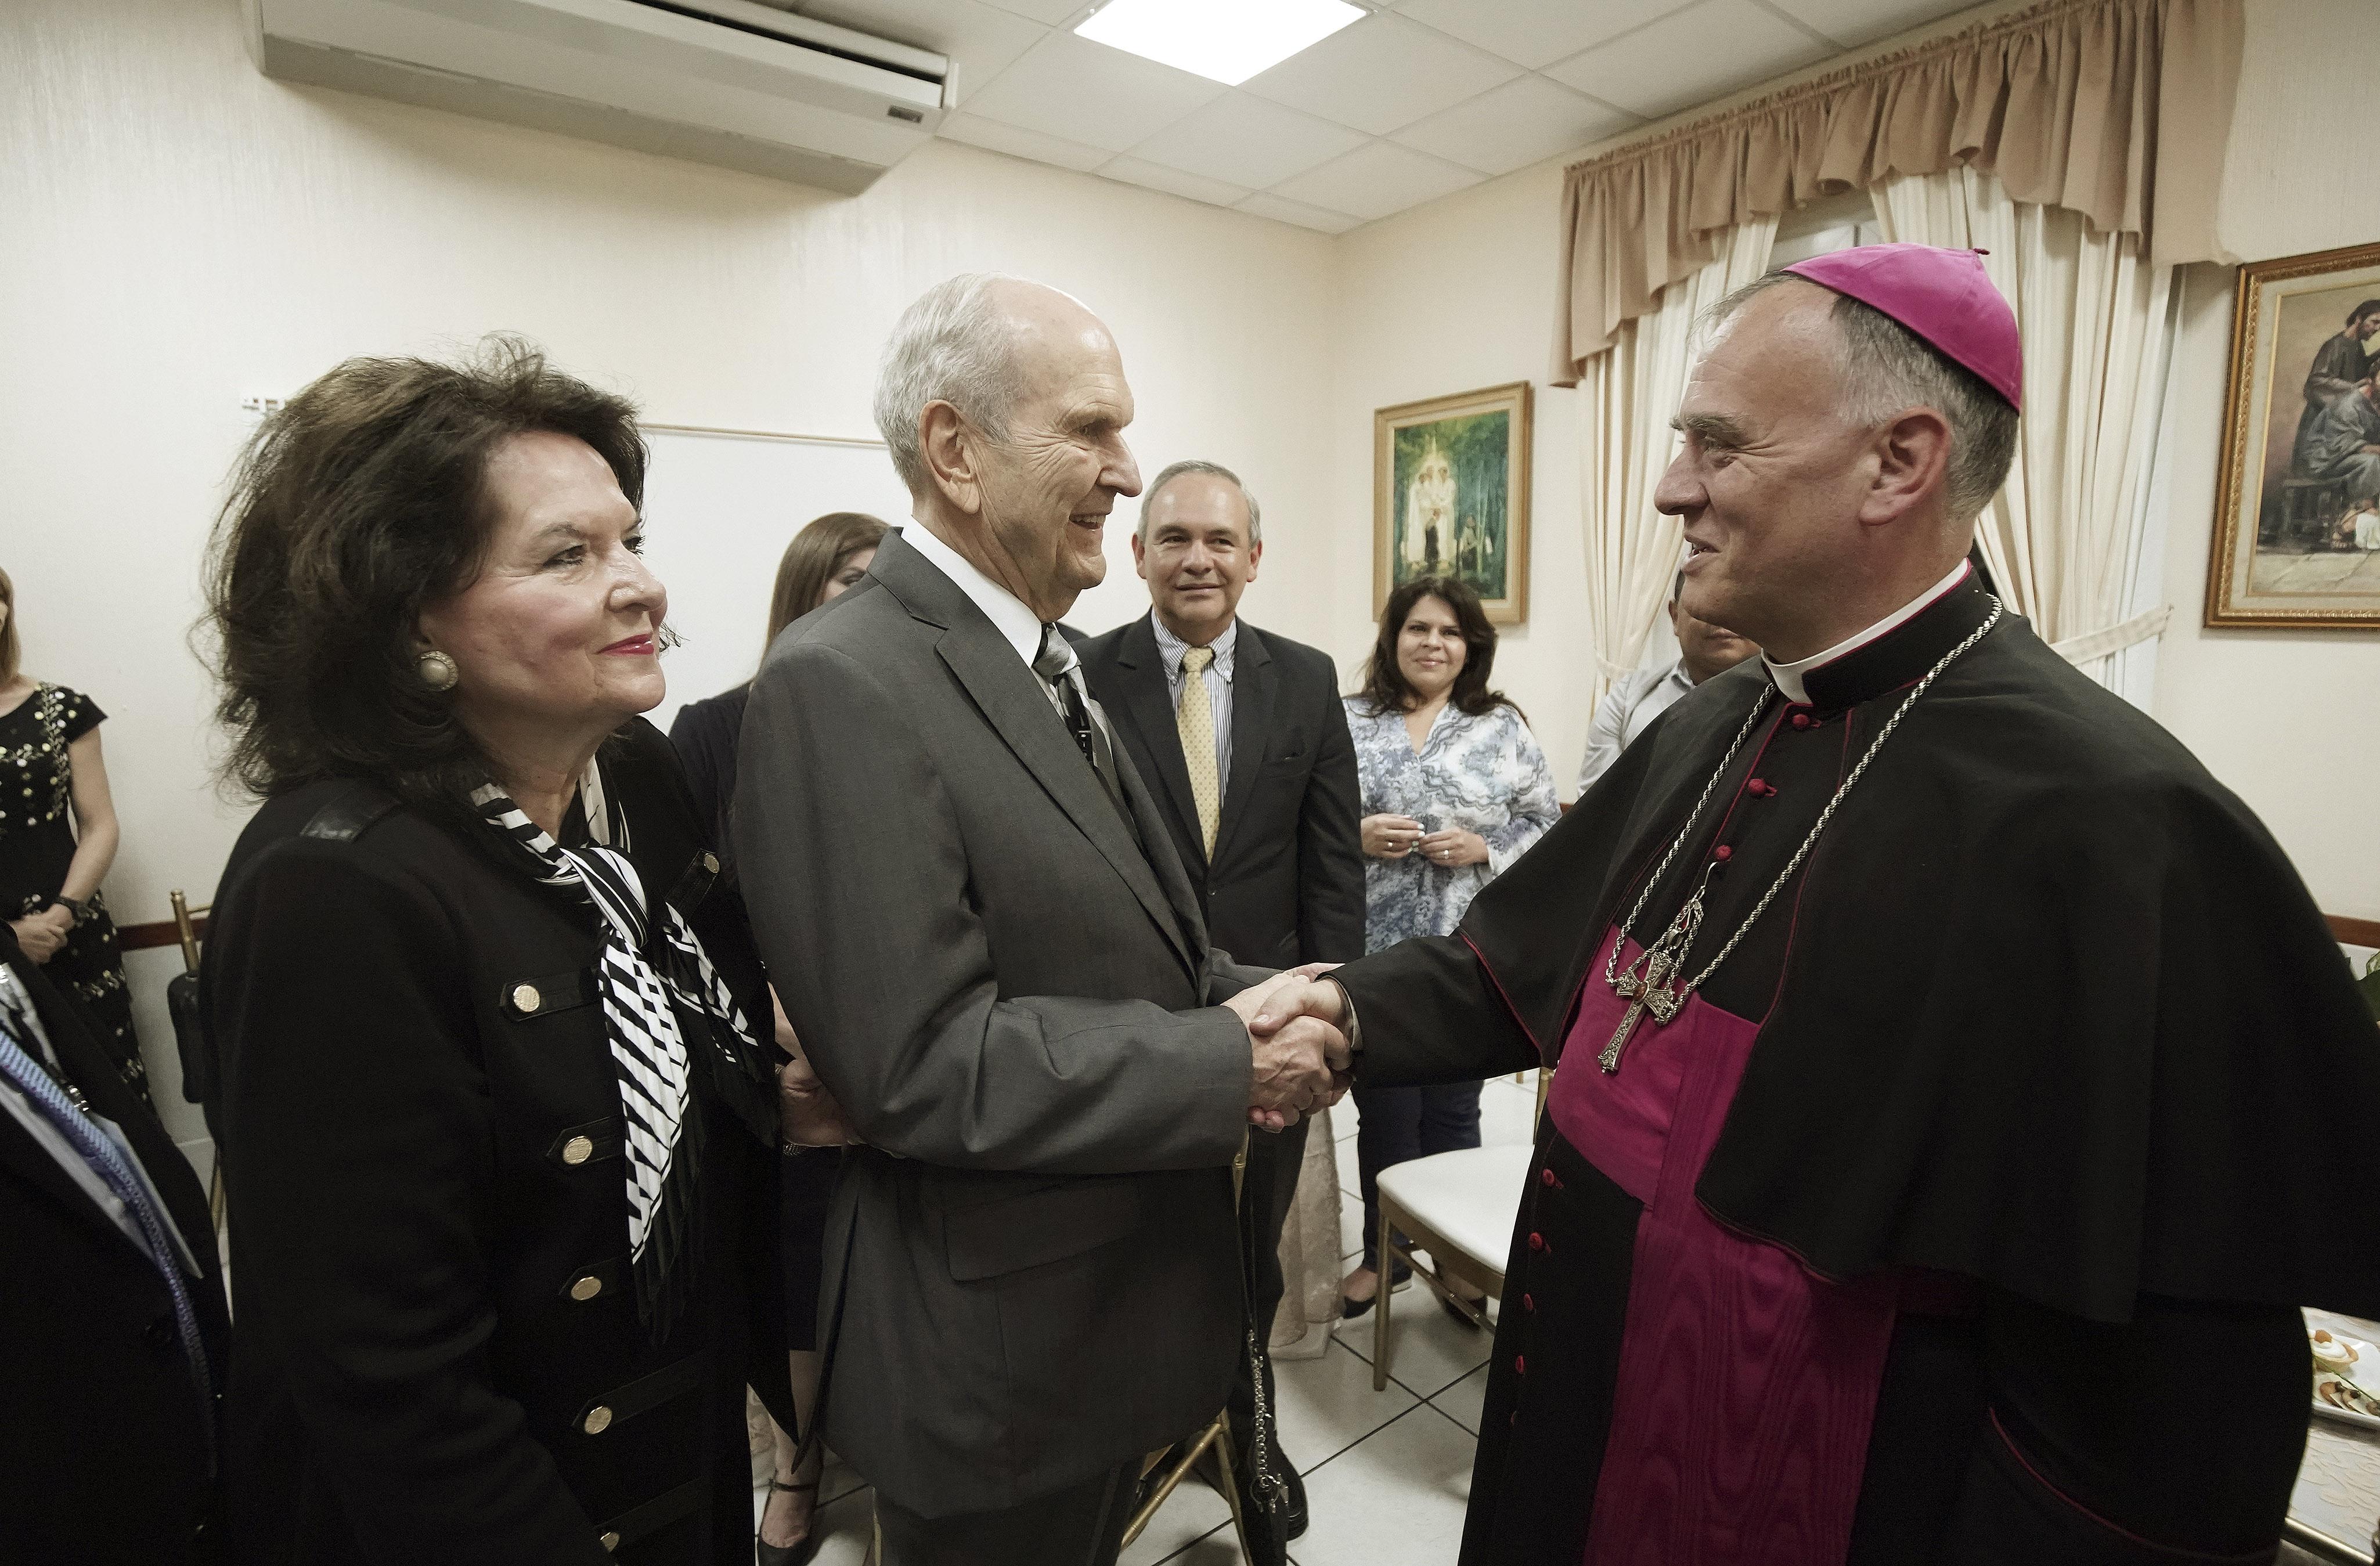 O presidente Russell M. Nelson, de A Igreja de Jesus Cristo dos Santos dos Últimos Dias, e sua esposa, Wendy Nelson, se reúnem com o arcebispo Henry Marie Denis Thevenin antes do devocional na Cidade da Guatemala, no sábado, 24 de agosto de 2019.